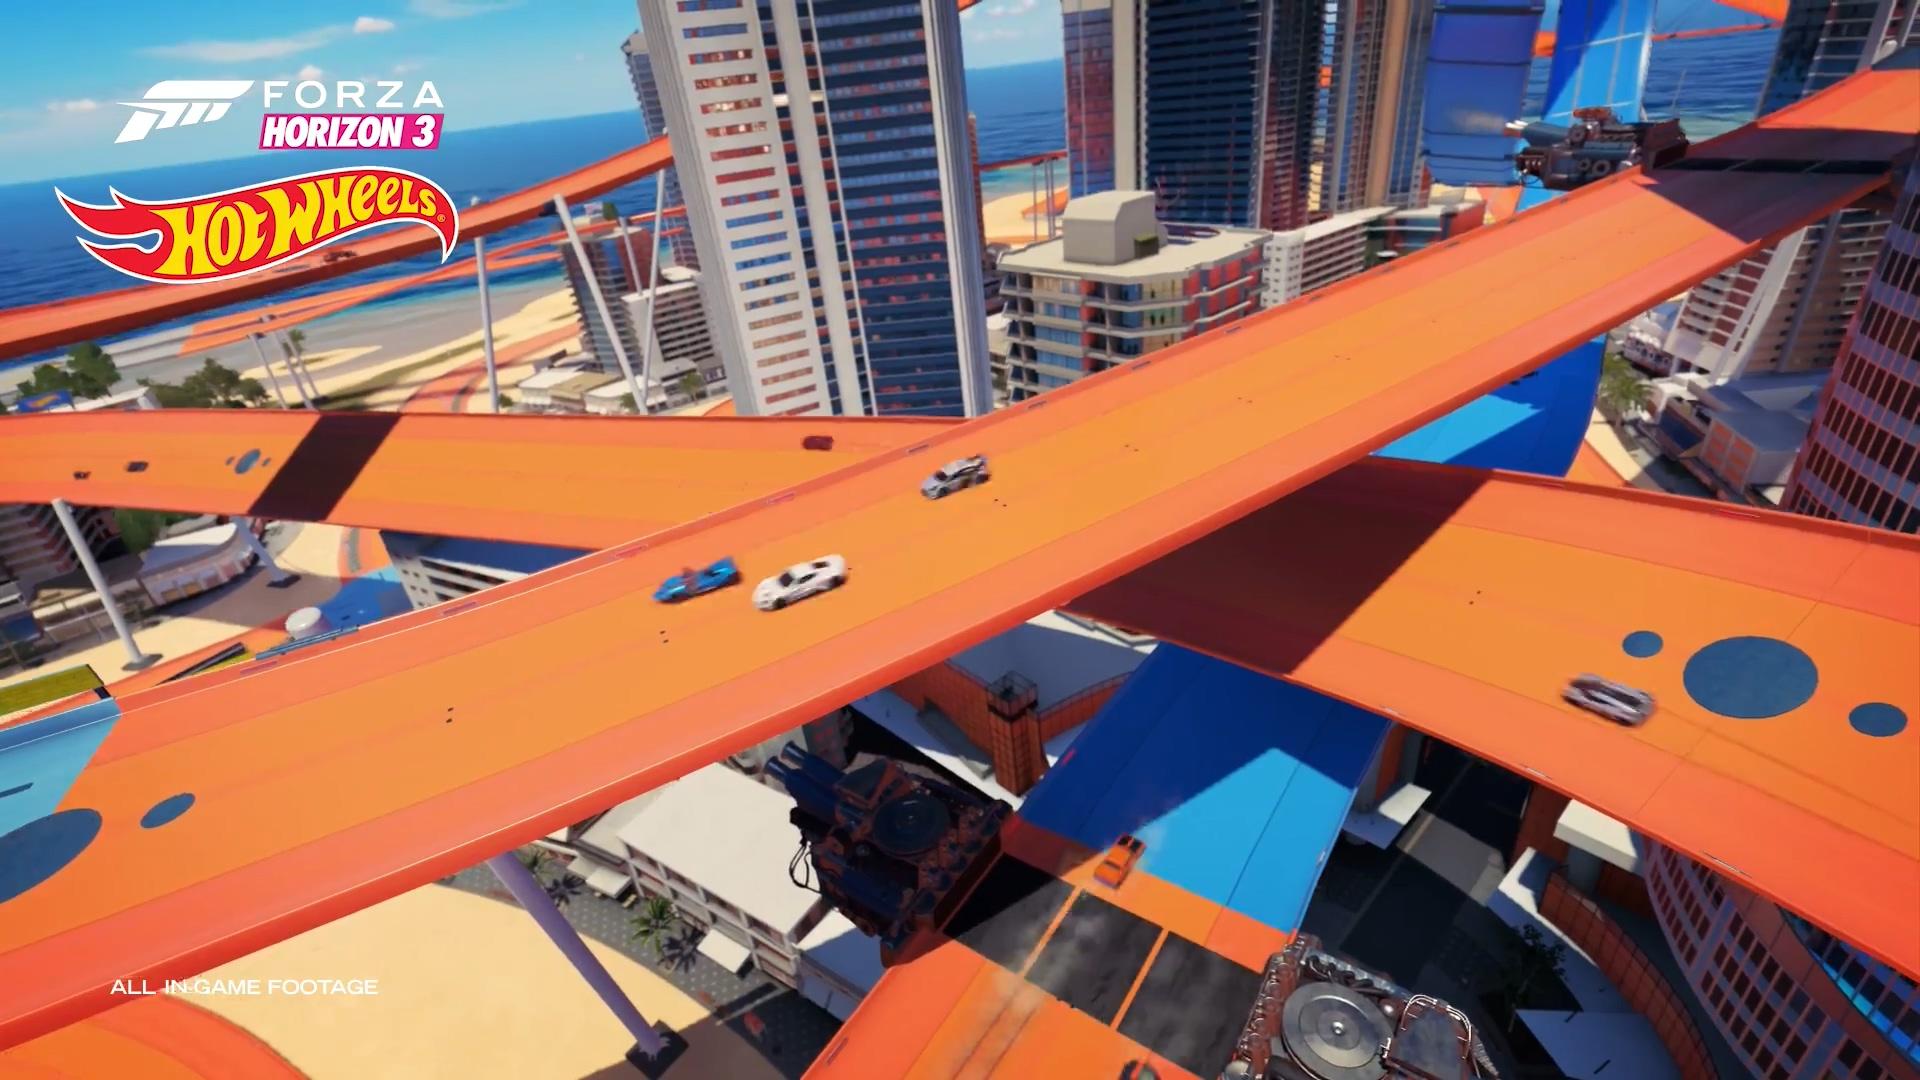 爽!《极限竞速:地平线3》风火轮扩展包新增6个岛屿 ,A9VG电玩部落论坛